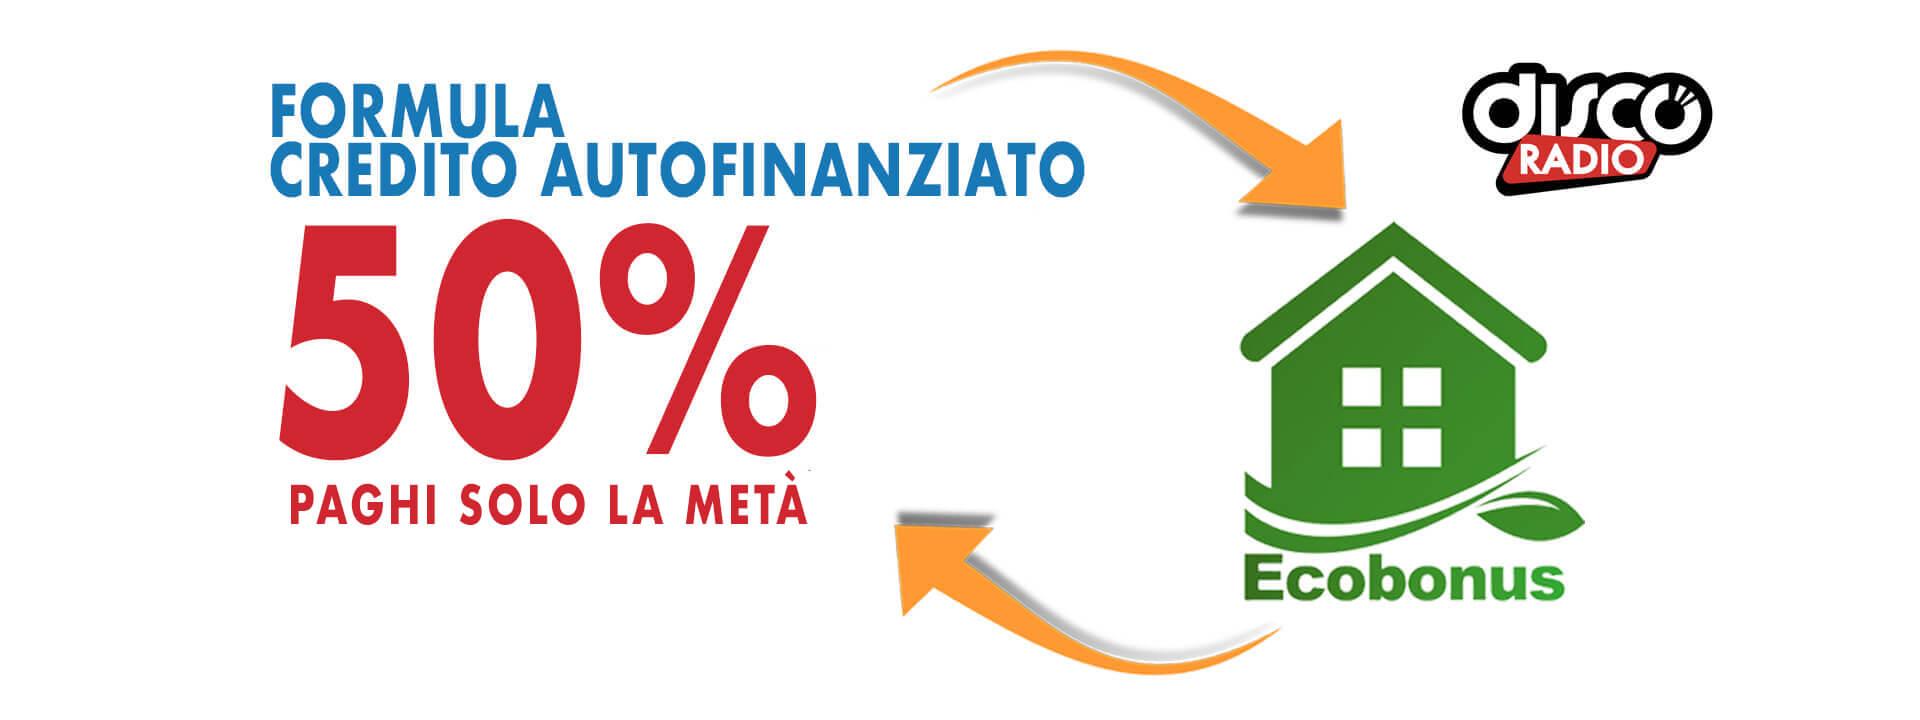 cover-credito-autofinanziato-2020